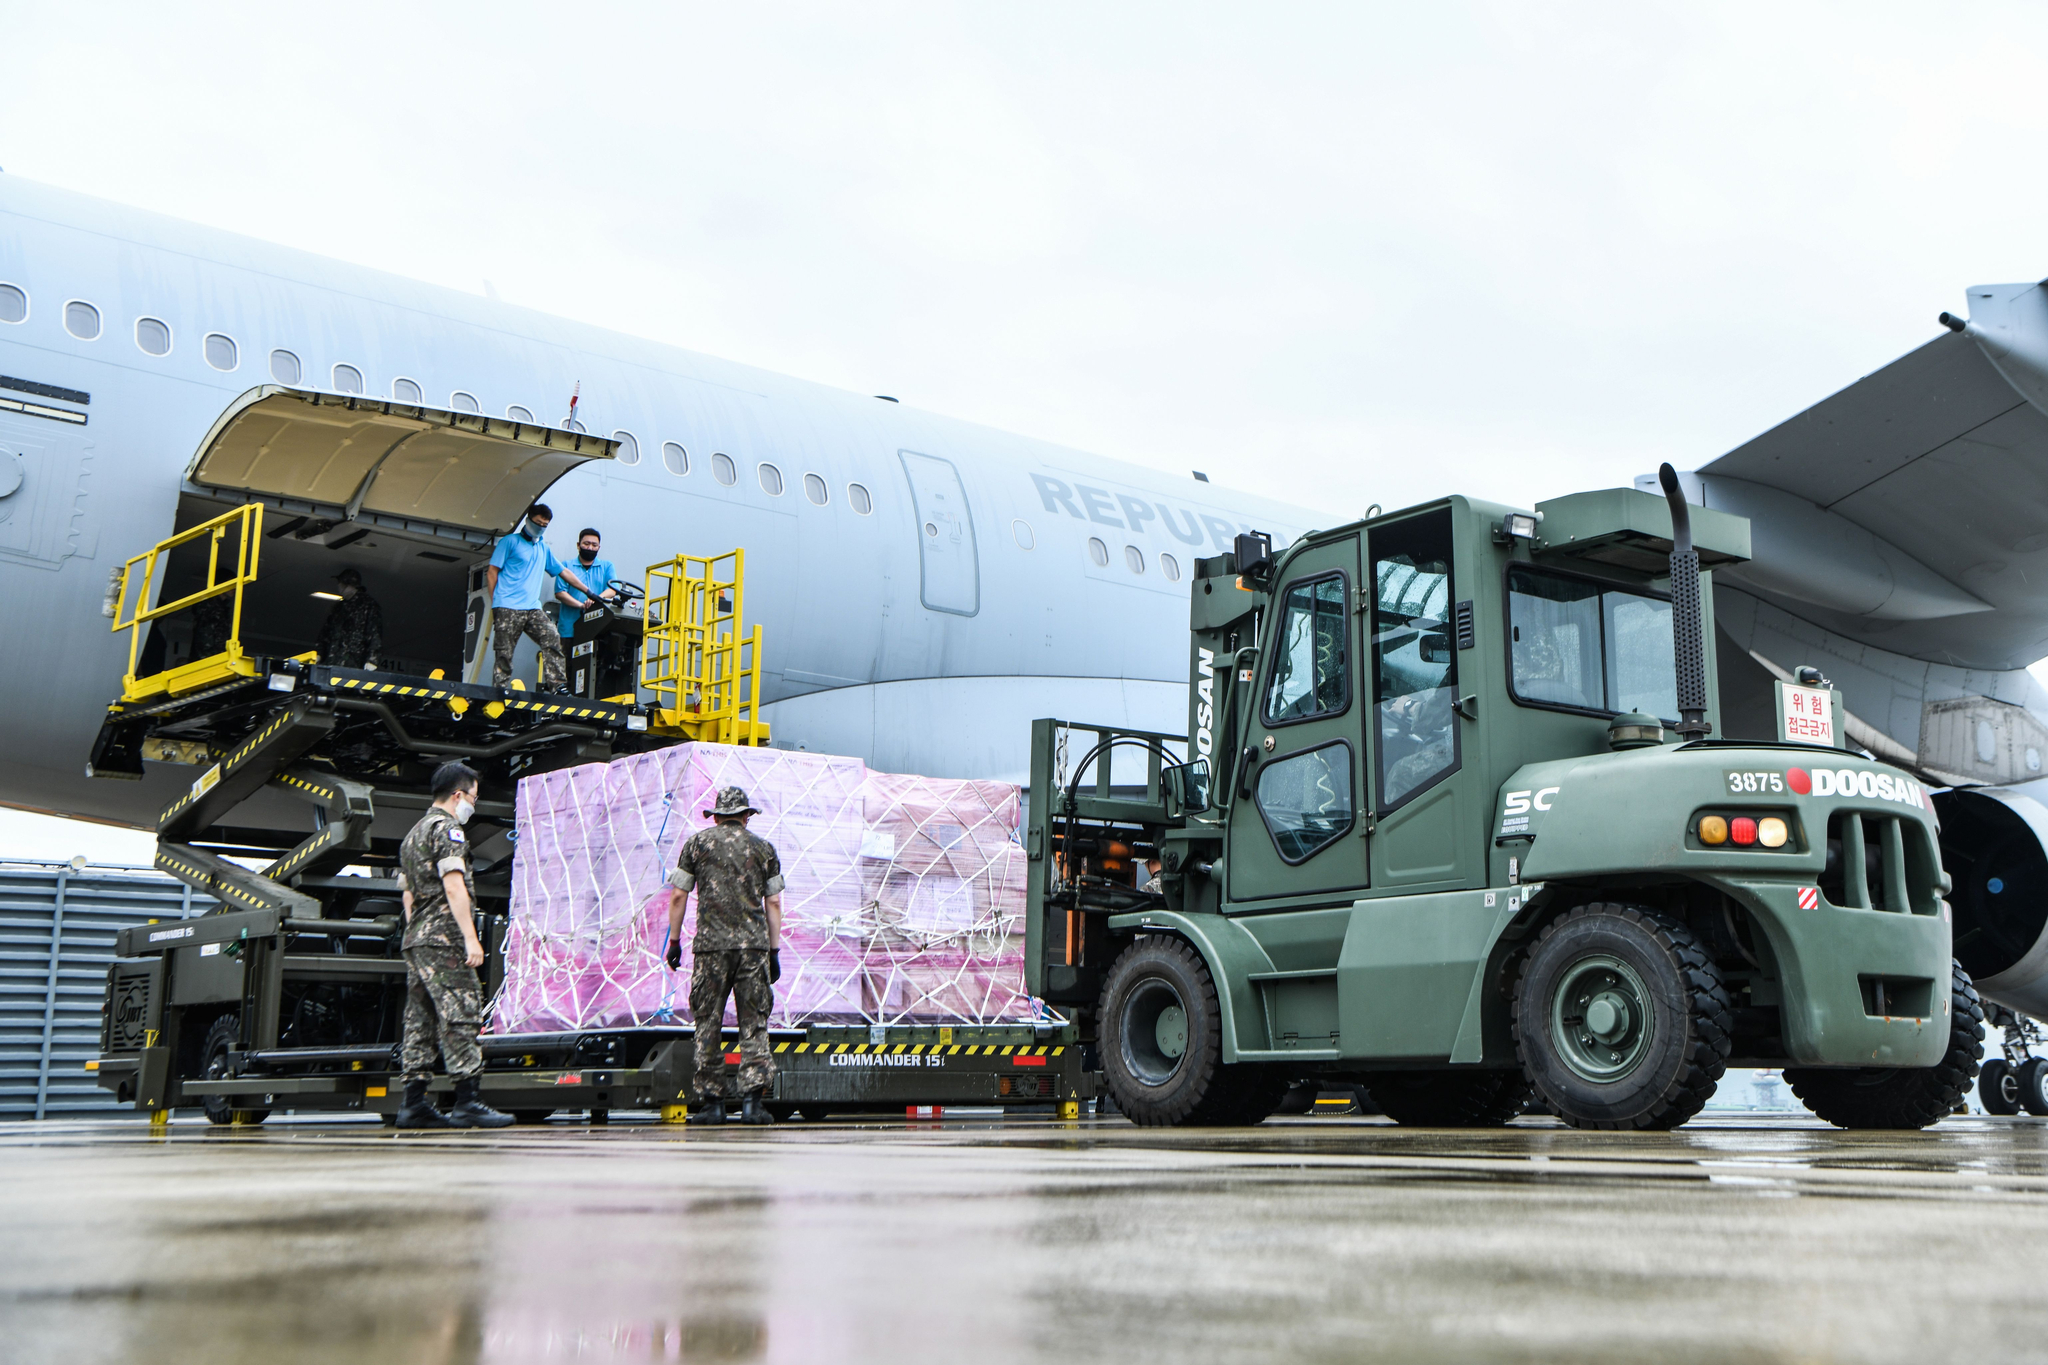 23일 오전 공군 김해기지에서 장병들이 이라크 파견 근로자 등 우리 교민을 안전하게 귀국시키기 위해 투입되는 KC-330 공중급유기에 마스크 등 코로나19 방역물자를 적재하고 있다. 공군 KC-330 공중급유기는 이라크에서 290여명의 교민을 탑승시킨 후 오는 24일 오전 인천공항에 도착하는 무박 2일 동안의 임무를 수행할 예정이다. 뉴스1